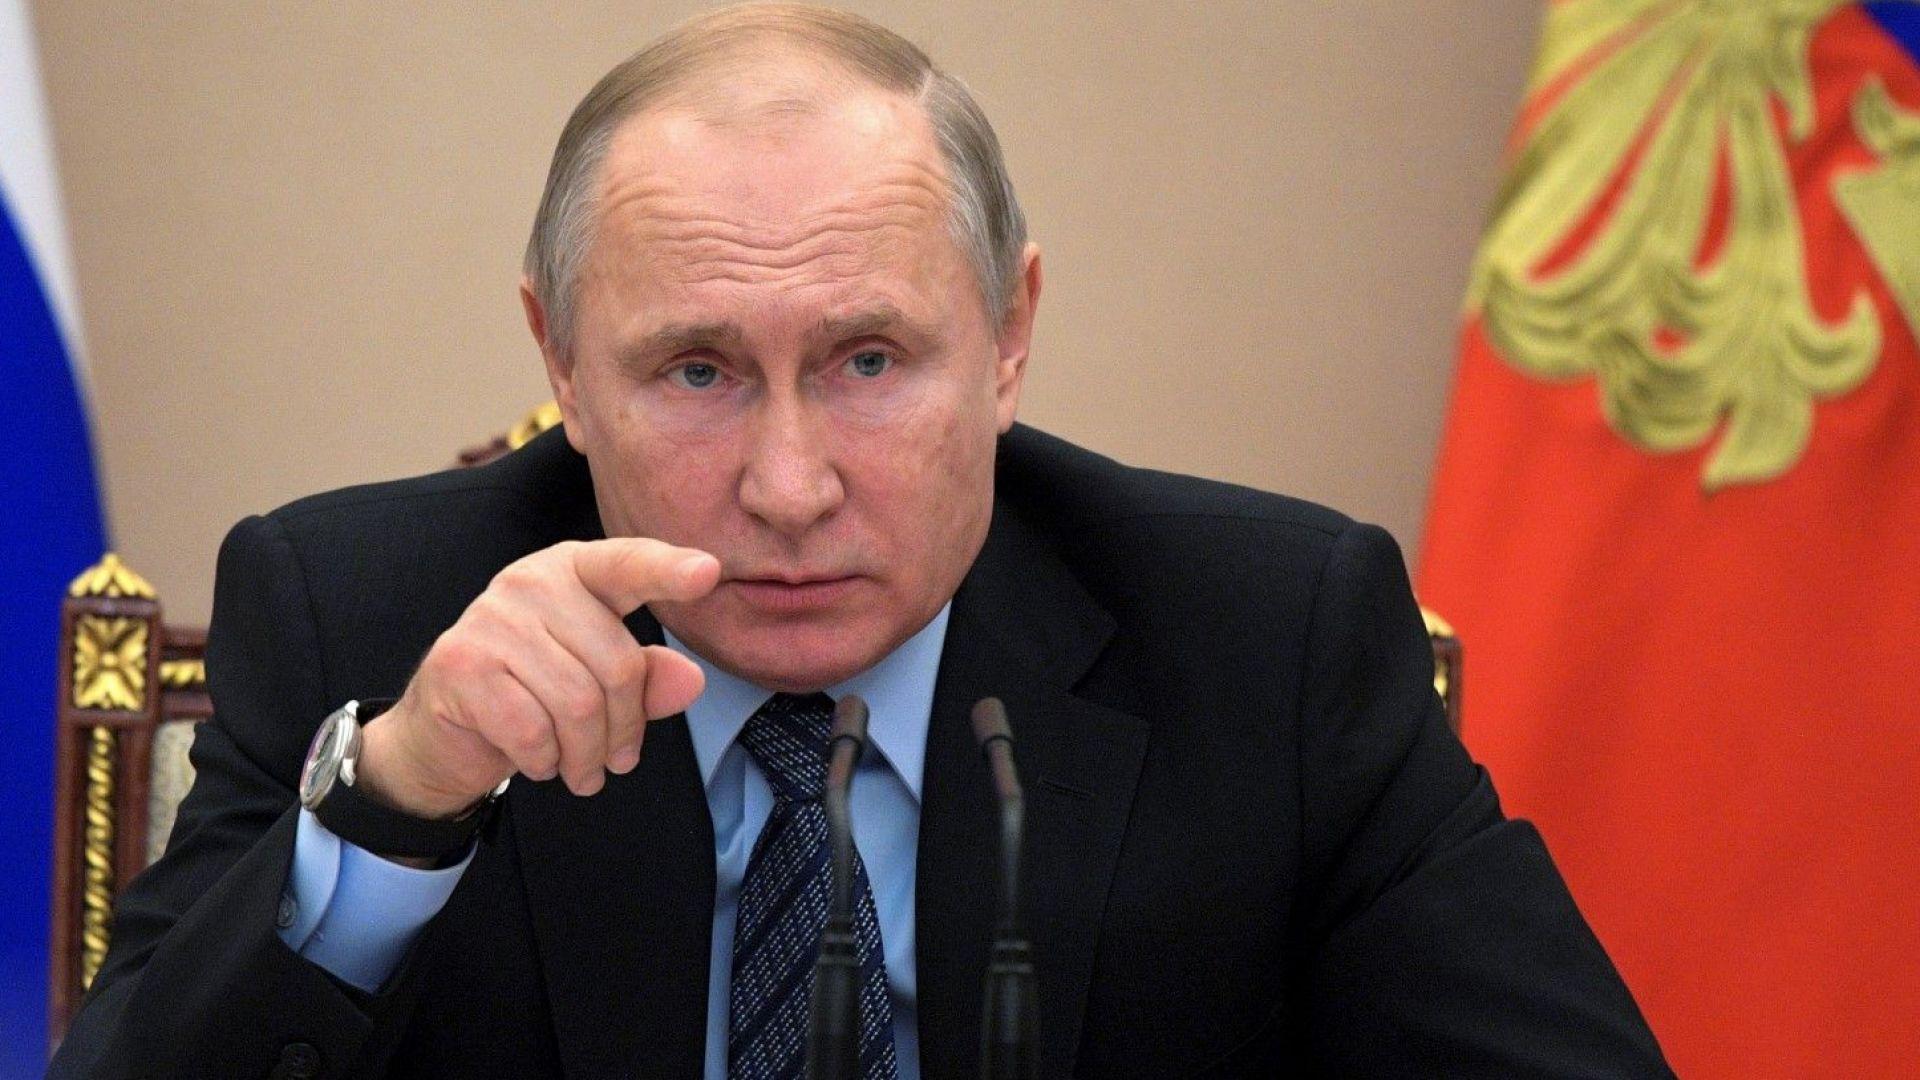 Снимка: Путин: Смяната на името е ревизия на македонската национална идентичност